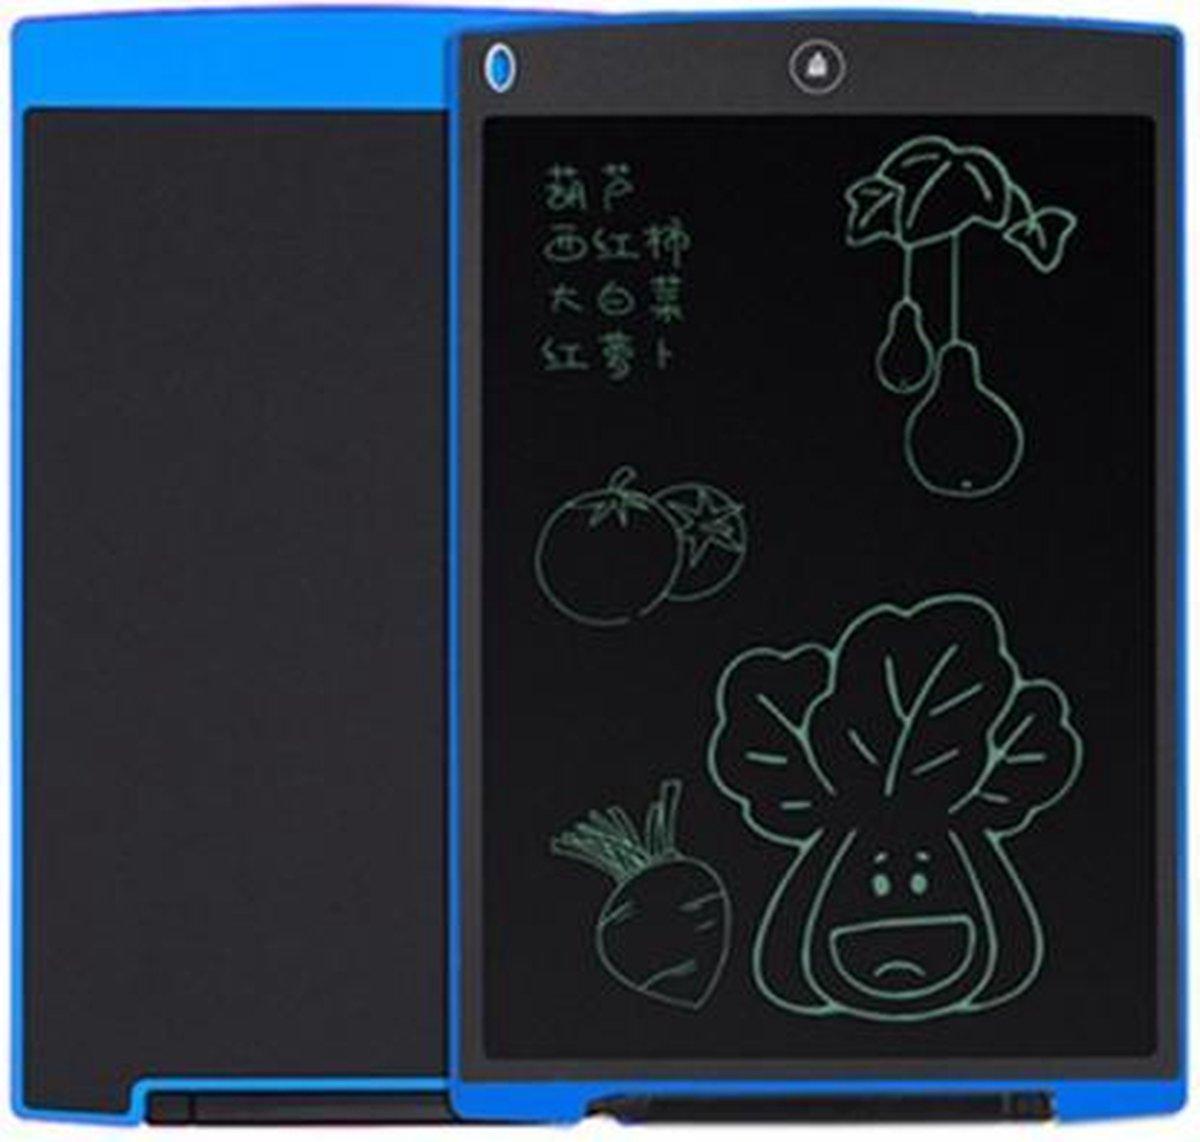 Elektronisch Magnetische Schrijfbord I Digitale Tekentablet - Drawing tablet - met LCD Scherm - 12 Inch - Zwart/Blauw